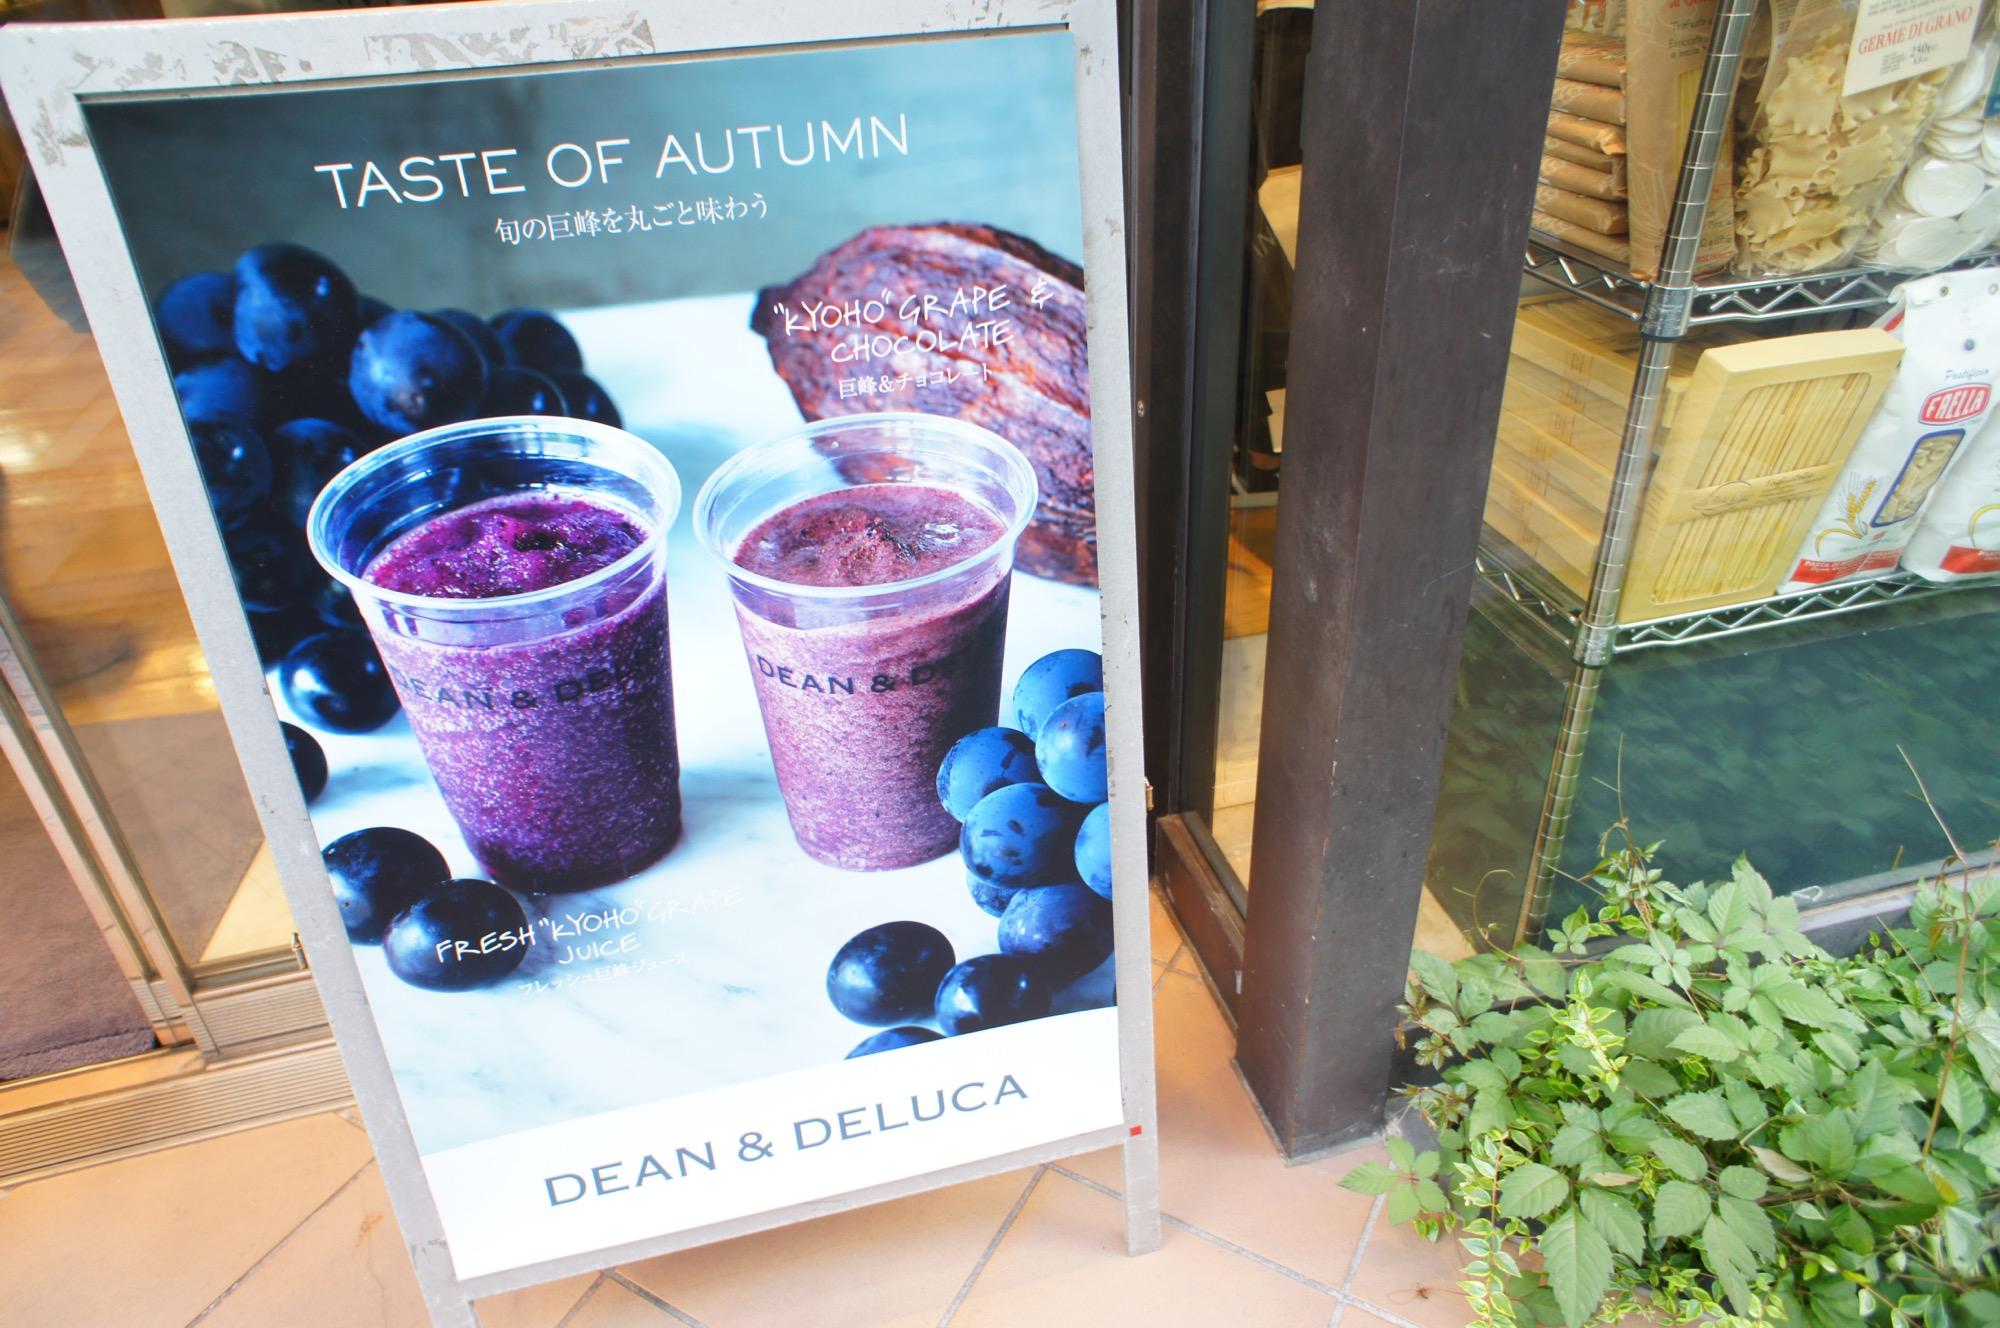 《秋の新作ドリンク❤️》【DEAN & DELUCA】のフレッシュ巨峰ジュースが美味しすぎる☻!_1